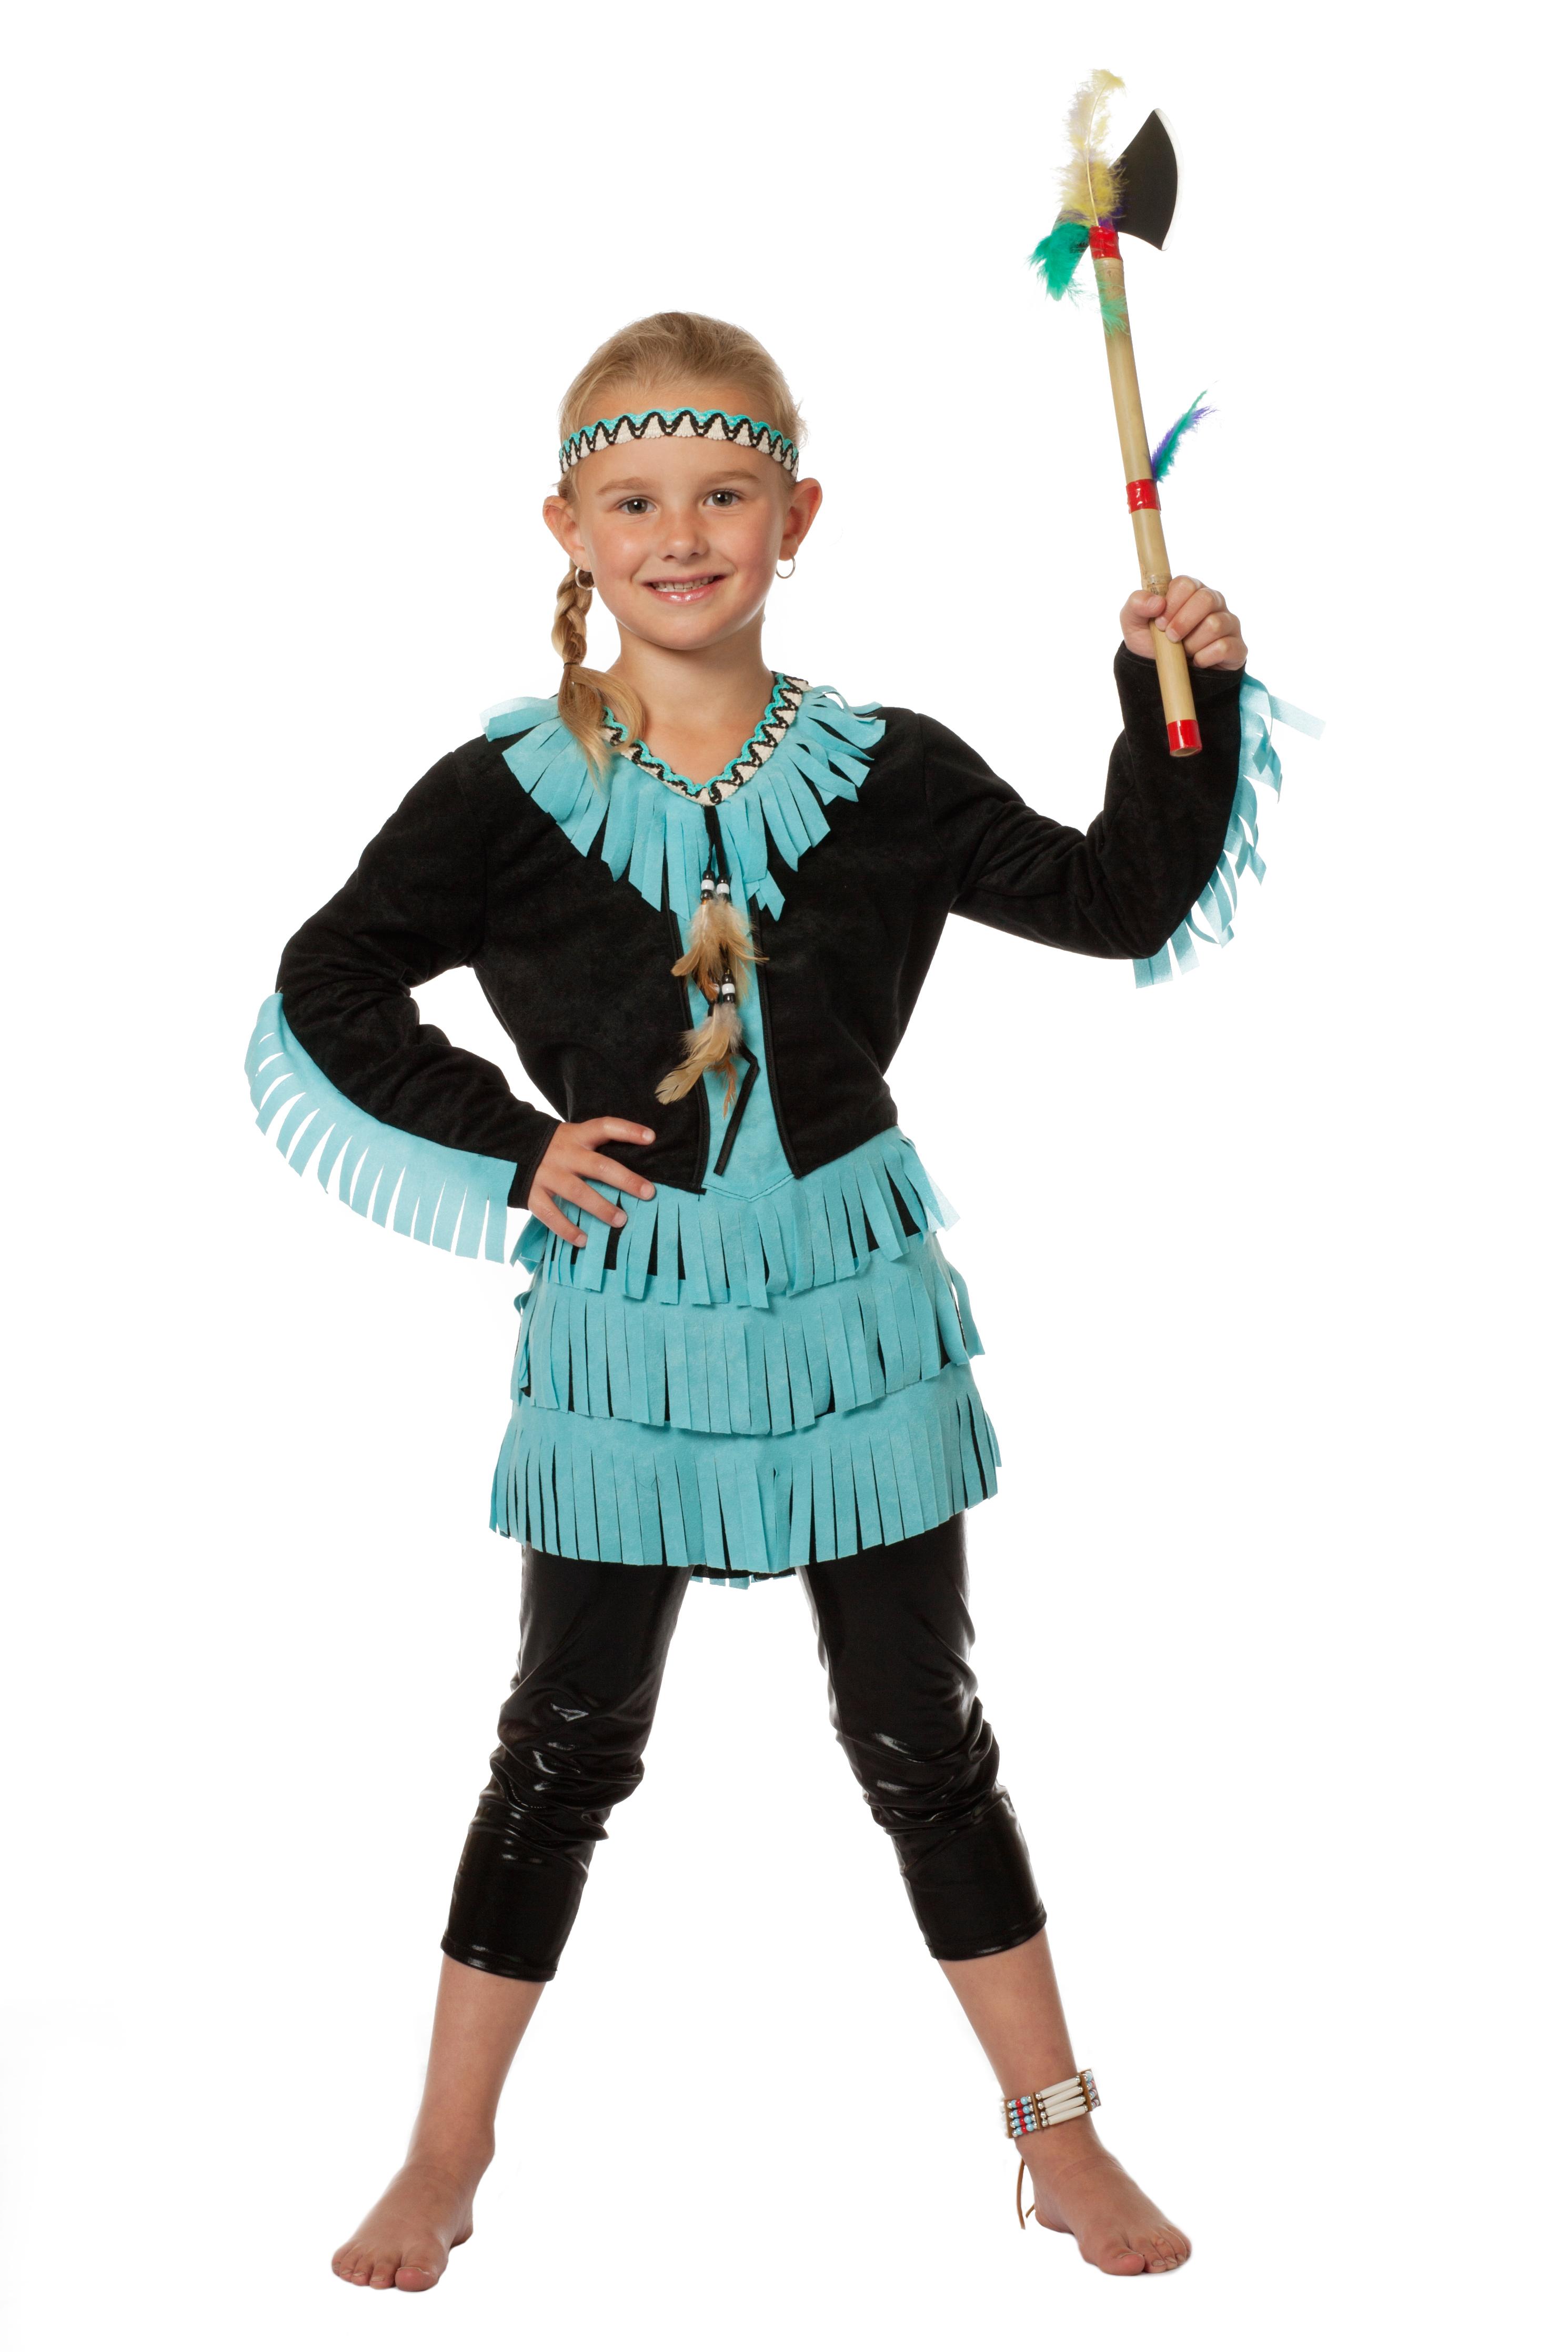 Kinderkostum Indianerin Madchen Kostum Karneval Schwarz Blau Fasching